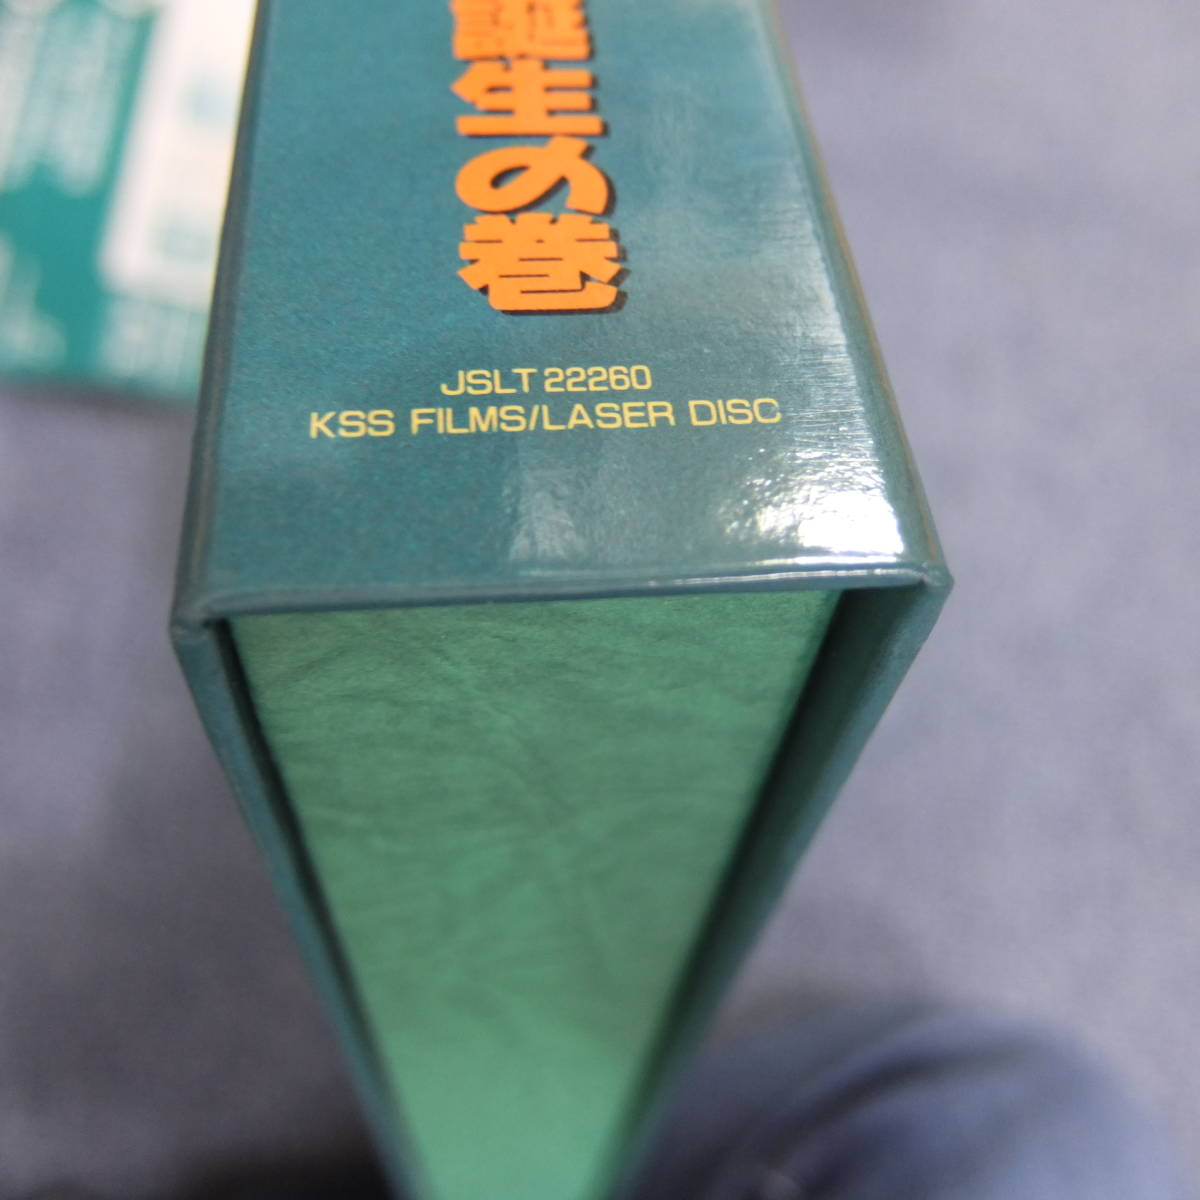 【 LD / レーザーディスク 】 快獣ブースカ  LD-BOX  「チャメゴン誕生の巻」 円谷プロ30周年記念_画像8